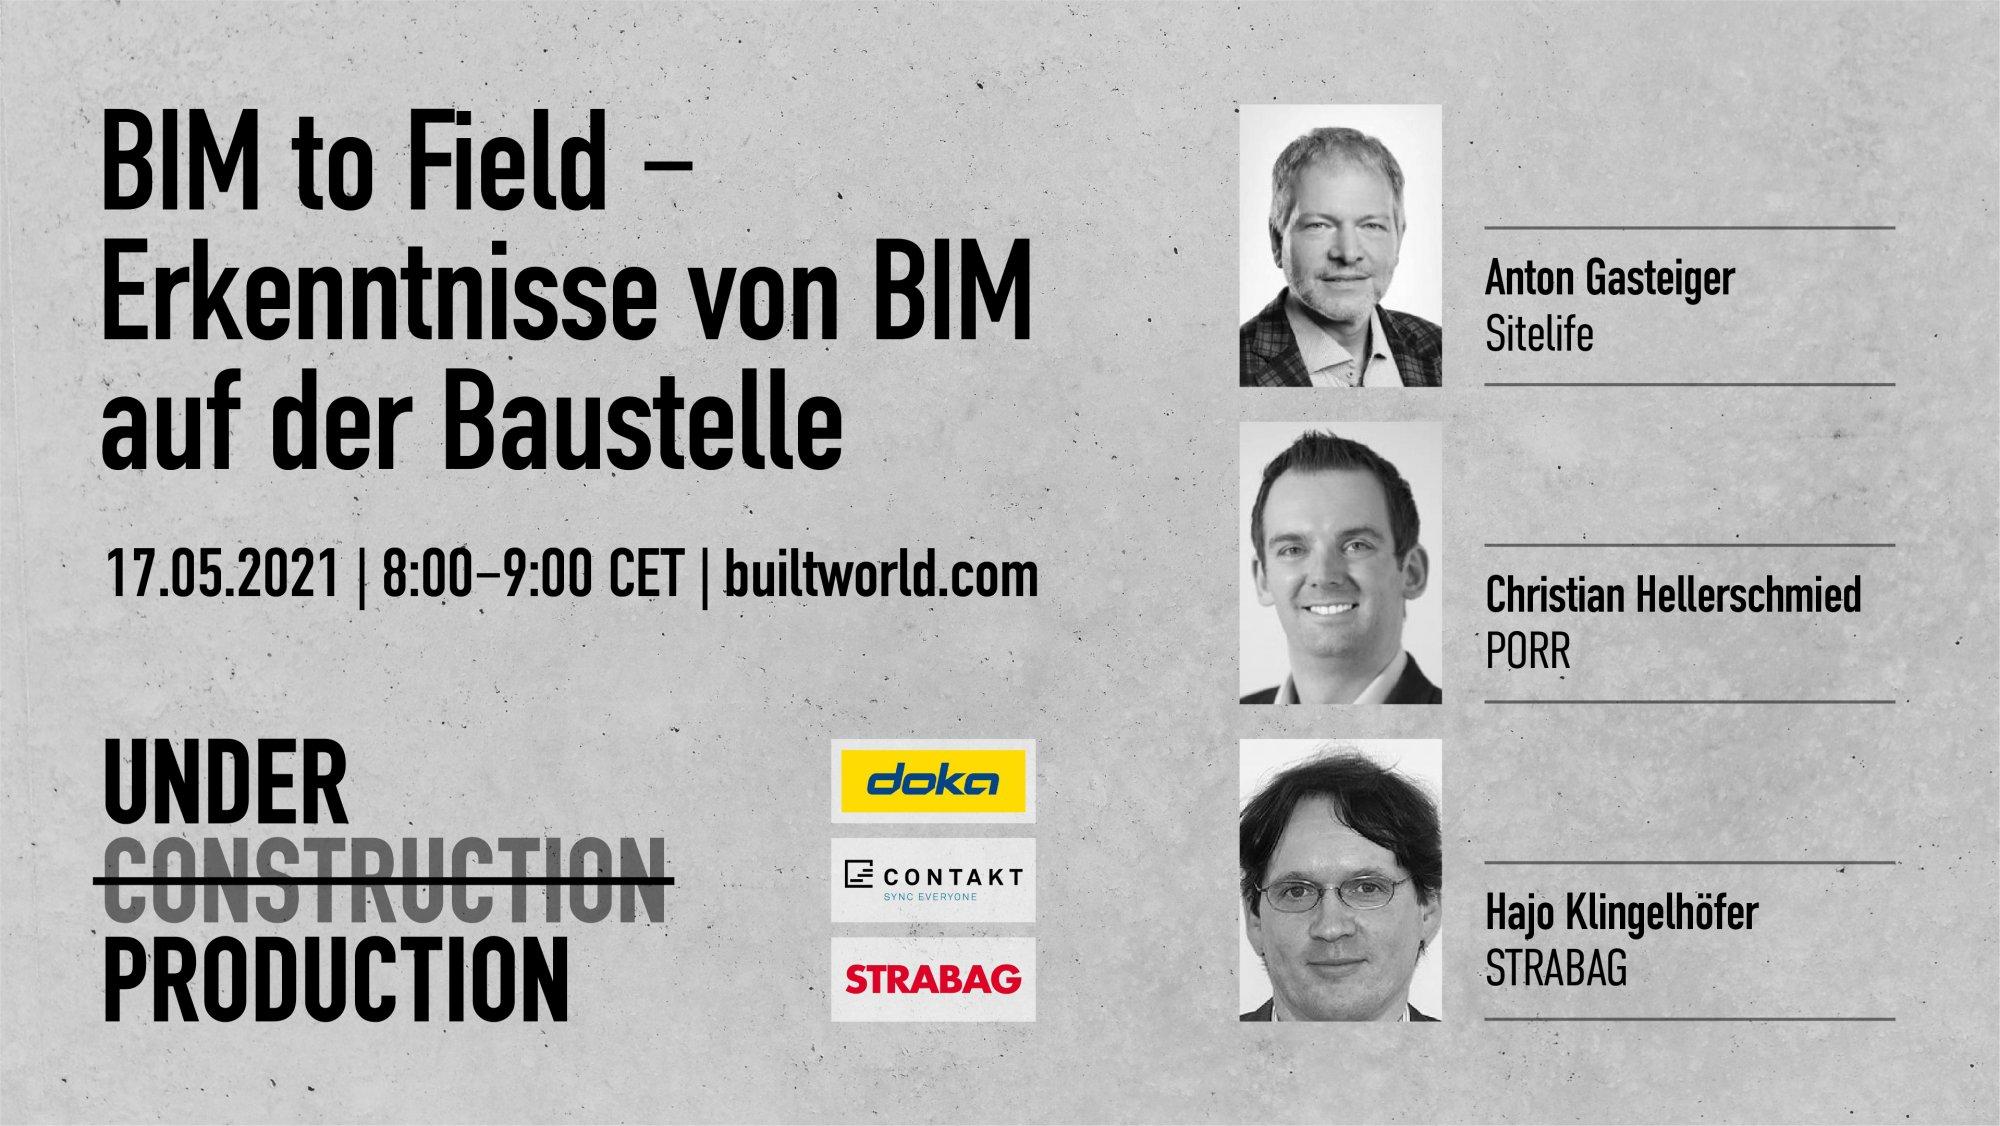 under-construction-bim-to-field-erkenntnisse-von-bim-auf-der-baustelle